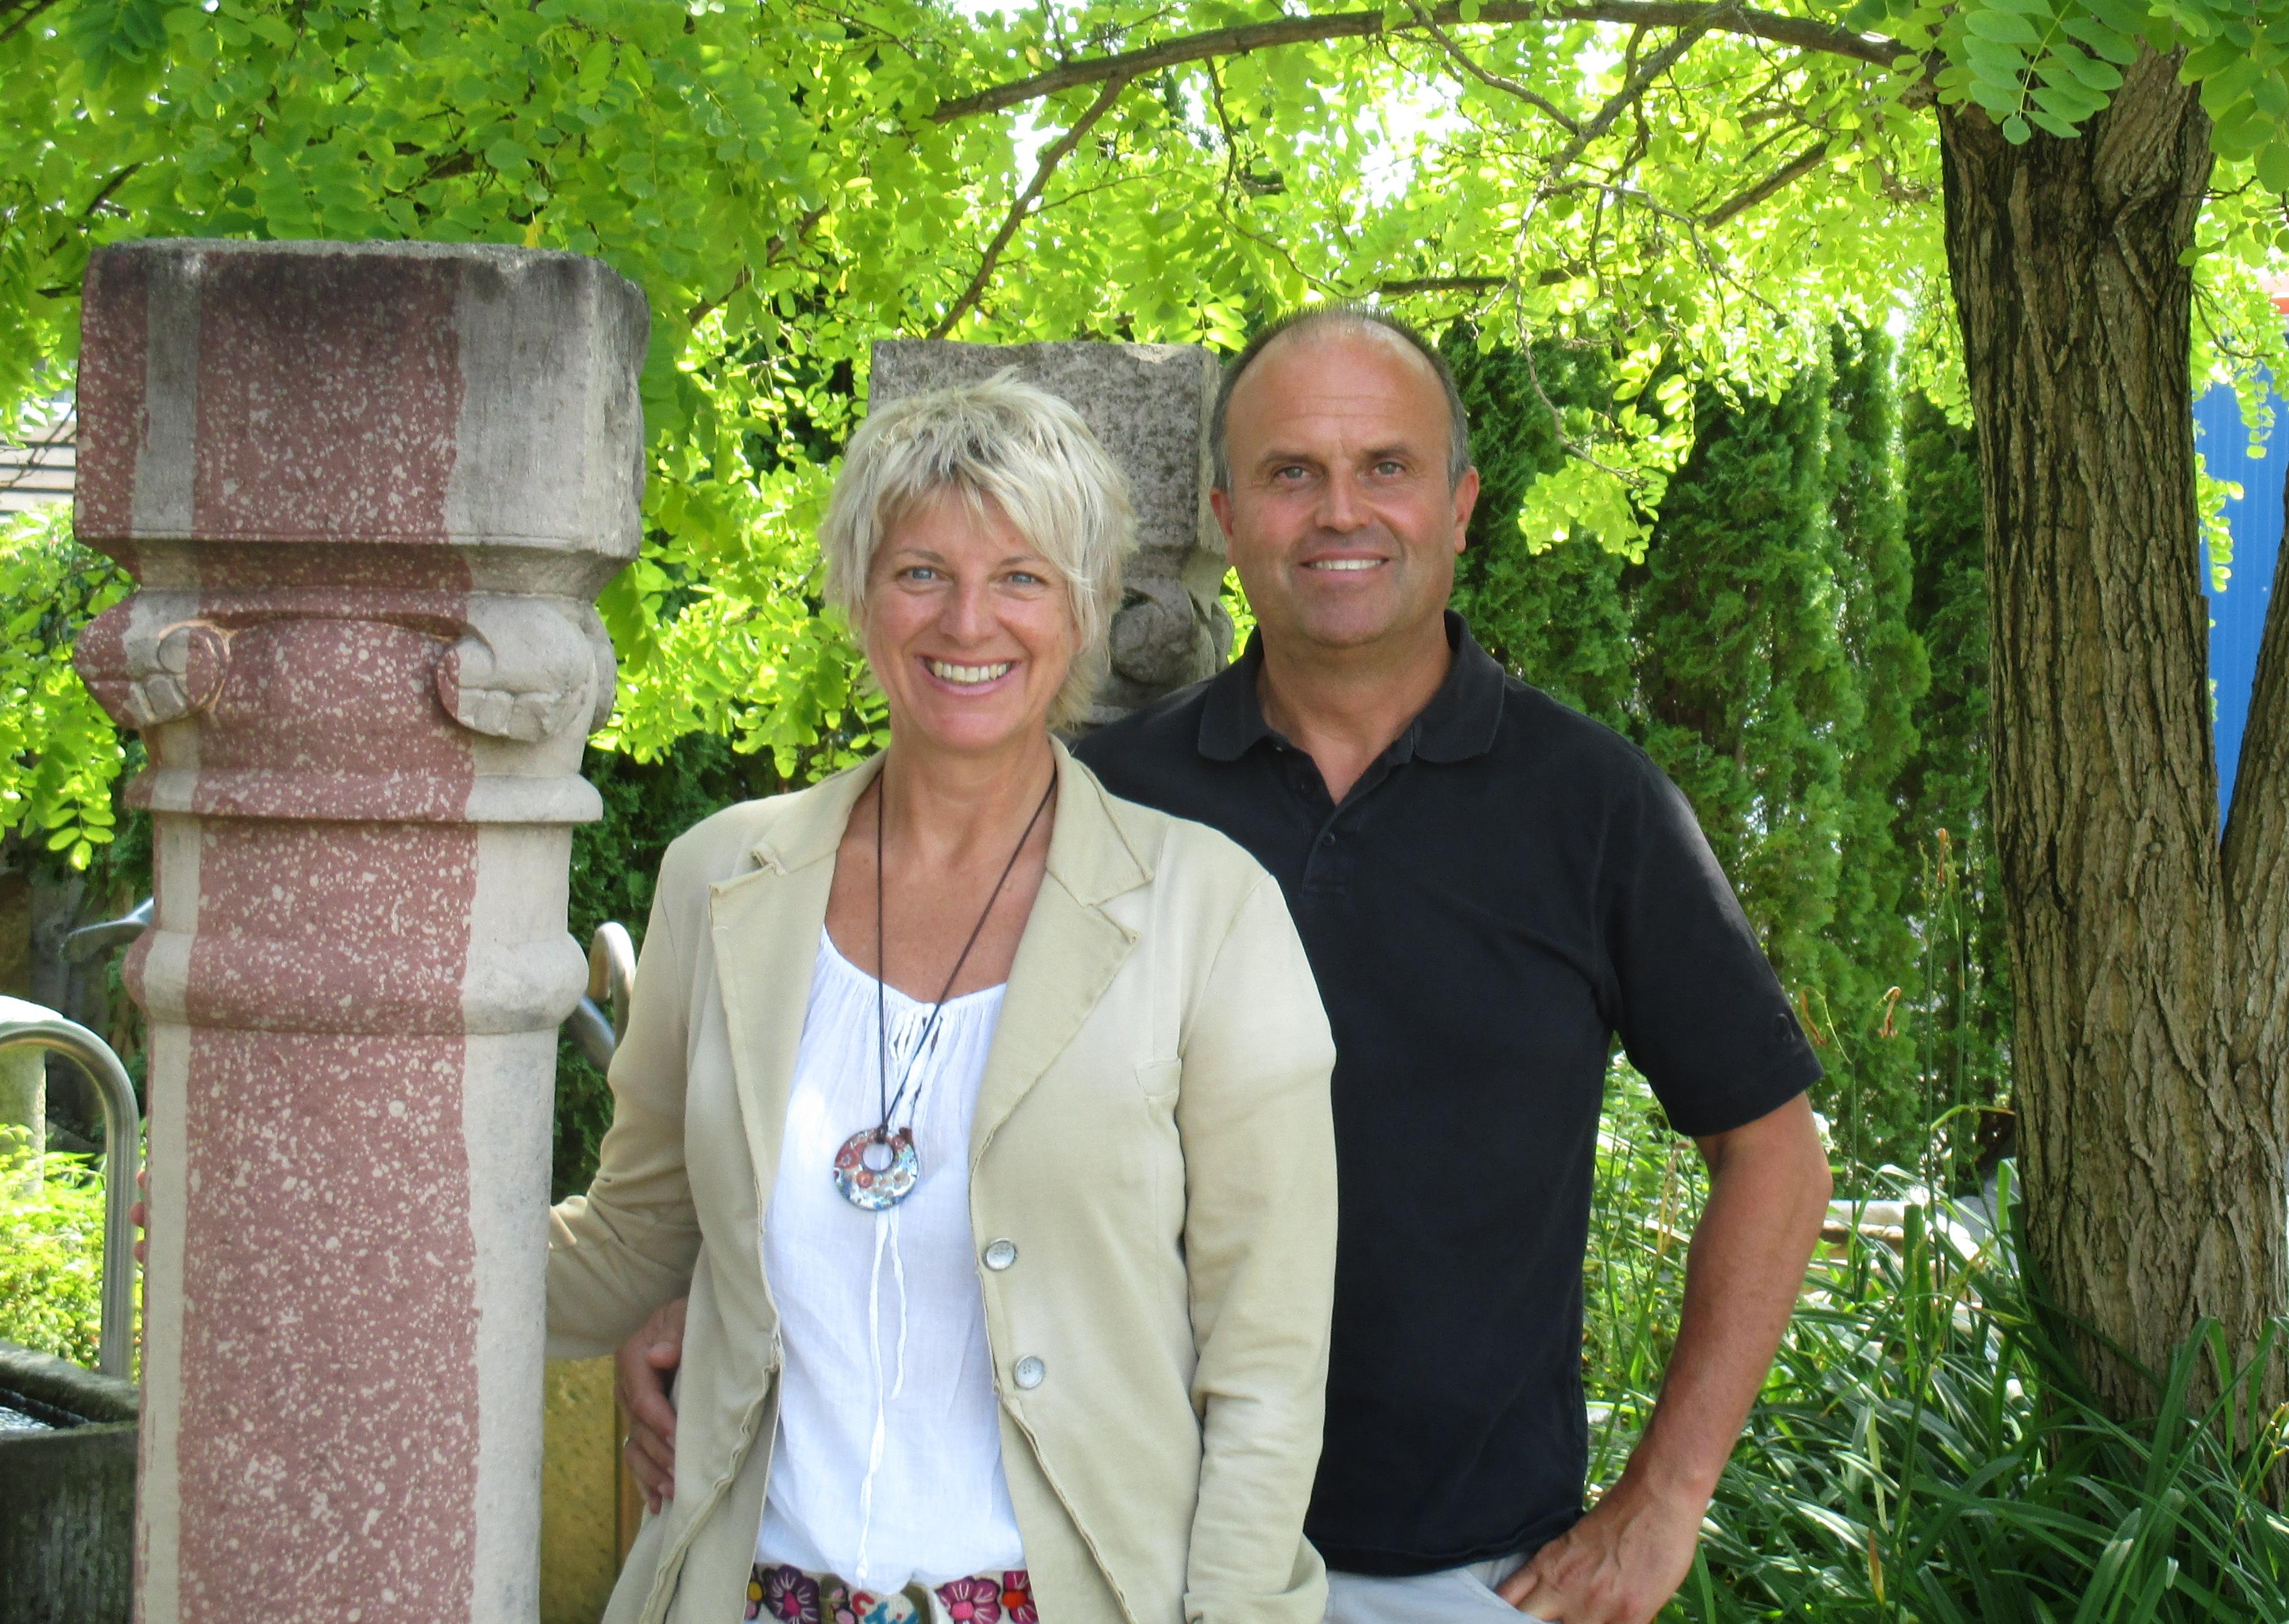 Birgit und Uwe Jocham